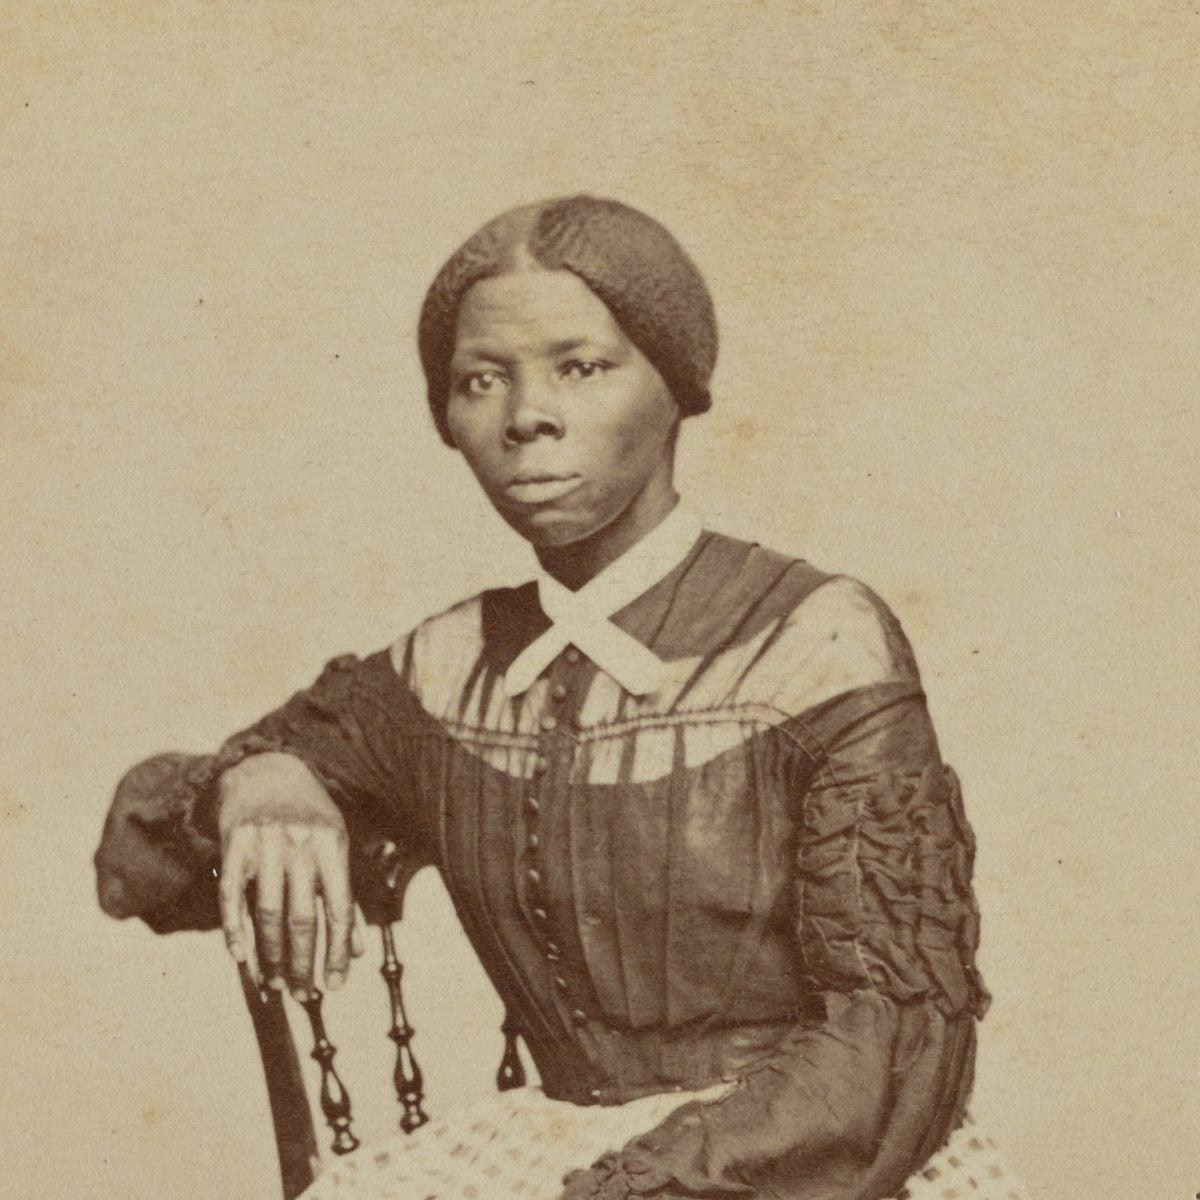 Exclusive: Meet One of Harriet Tubman's Relatives